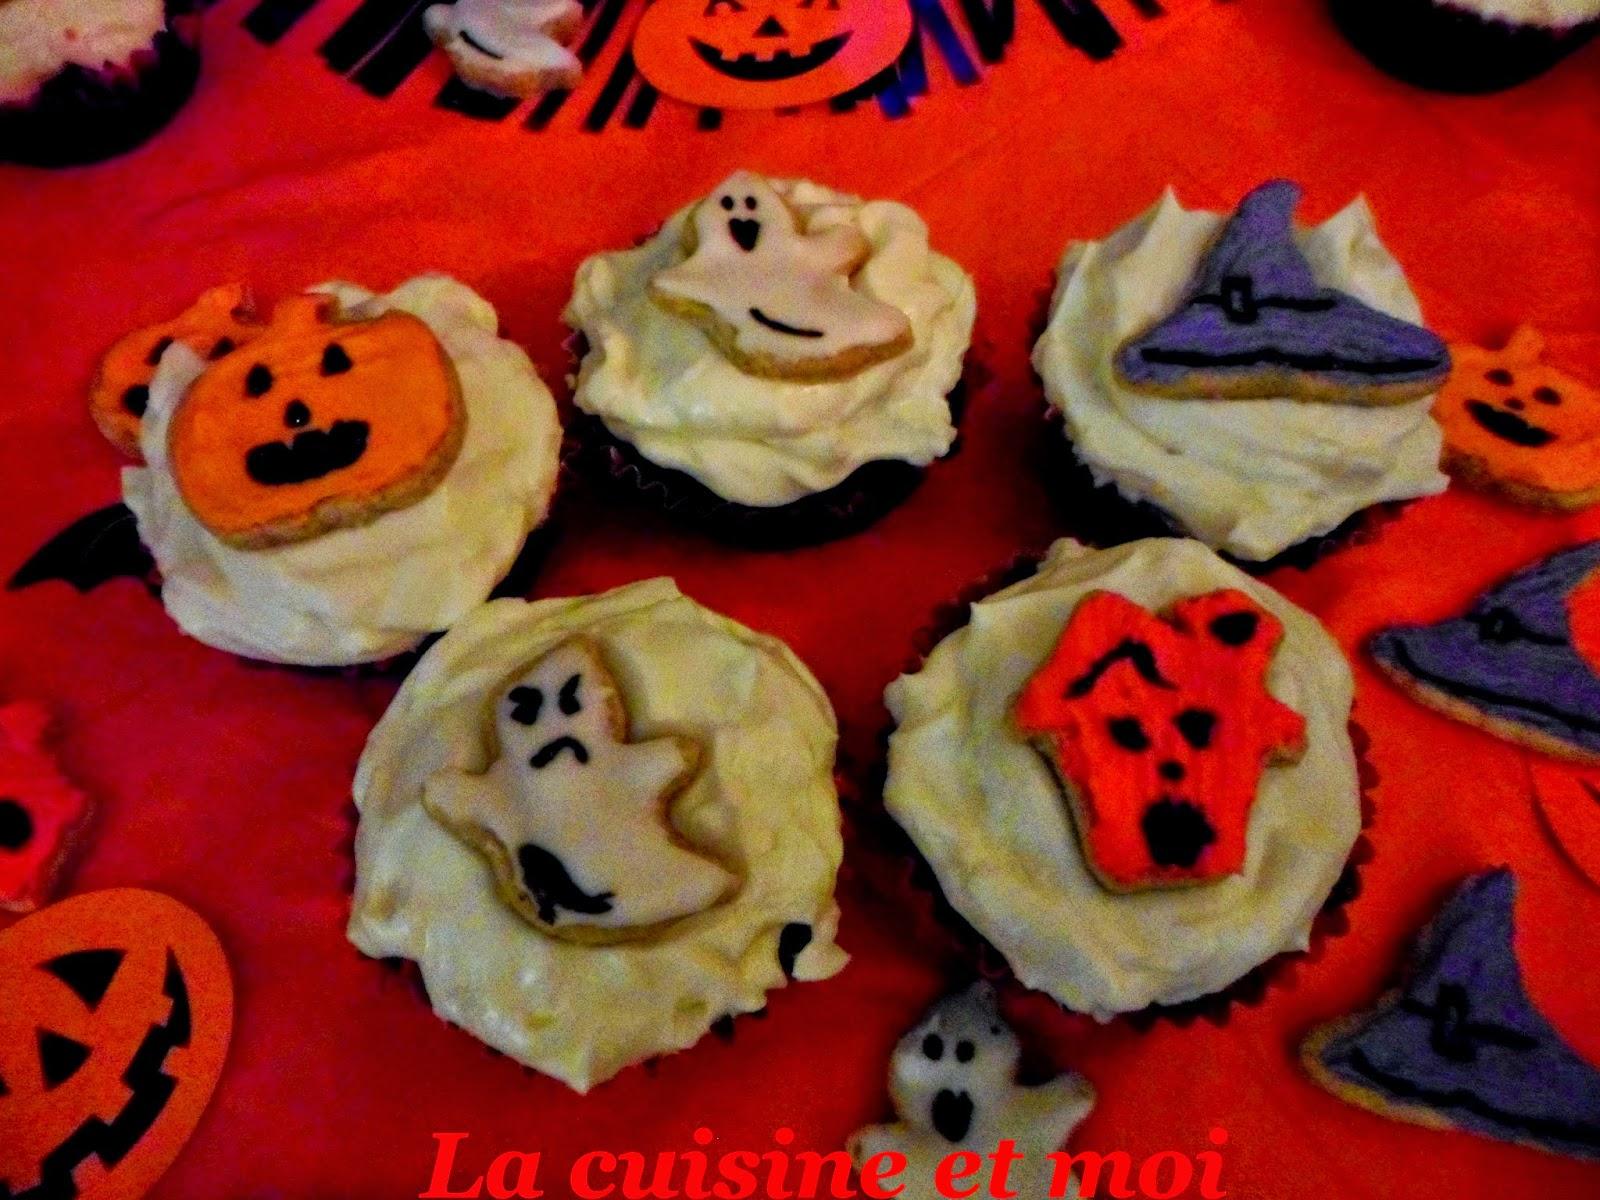 http://la-cuisine-et-moi.blogspot.fr/2014/10/cupcakes-et-sables-dhalloween.html